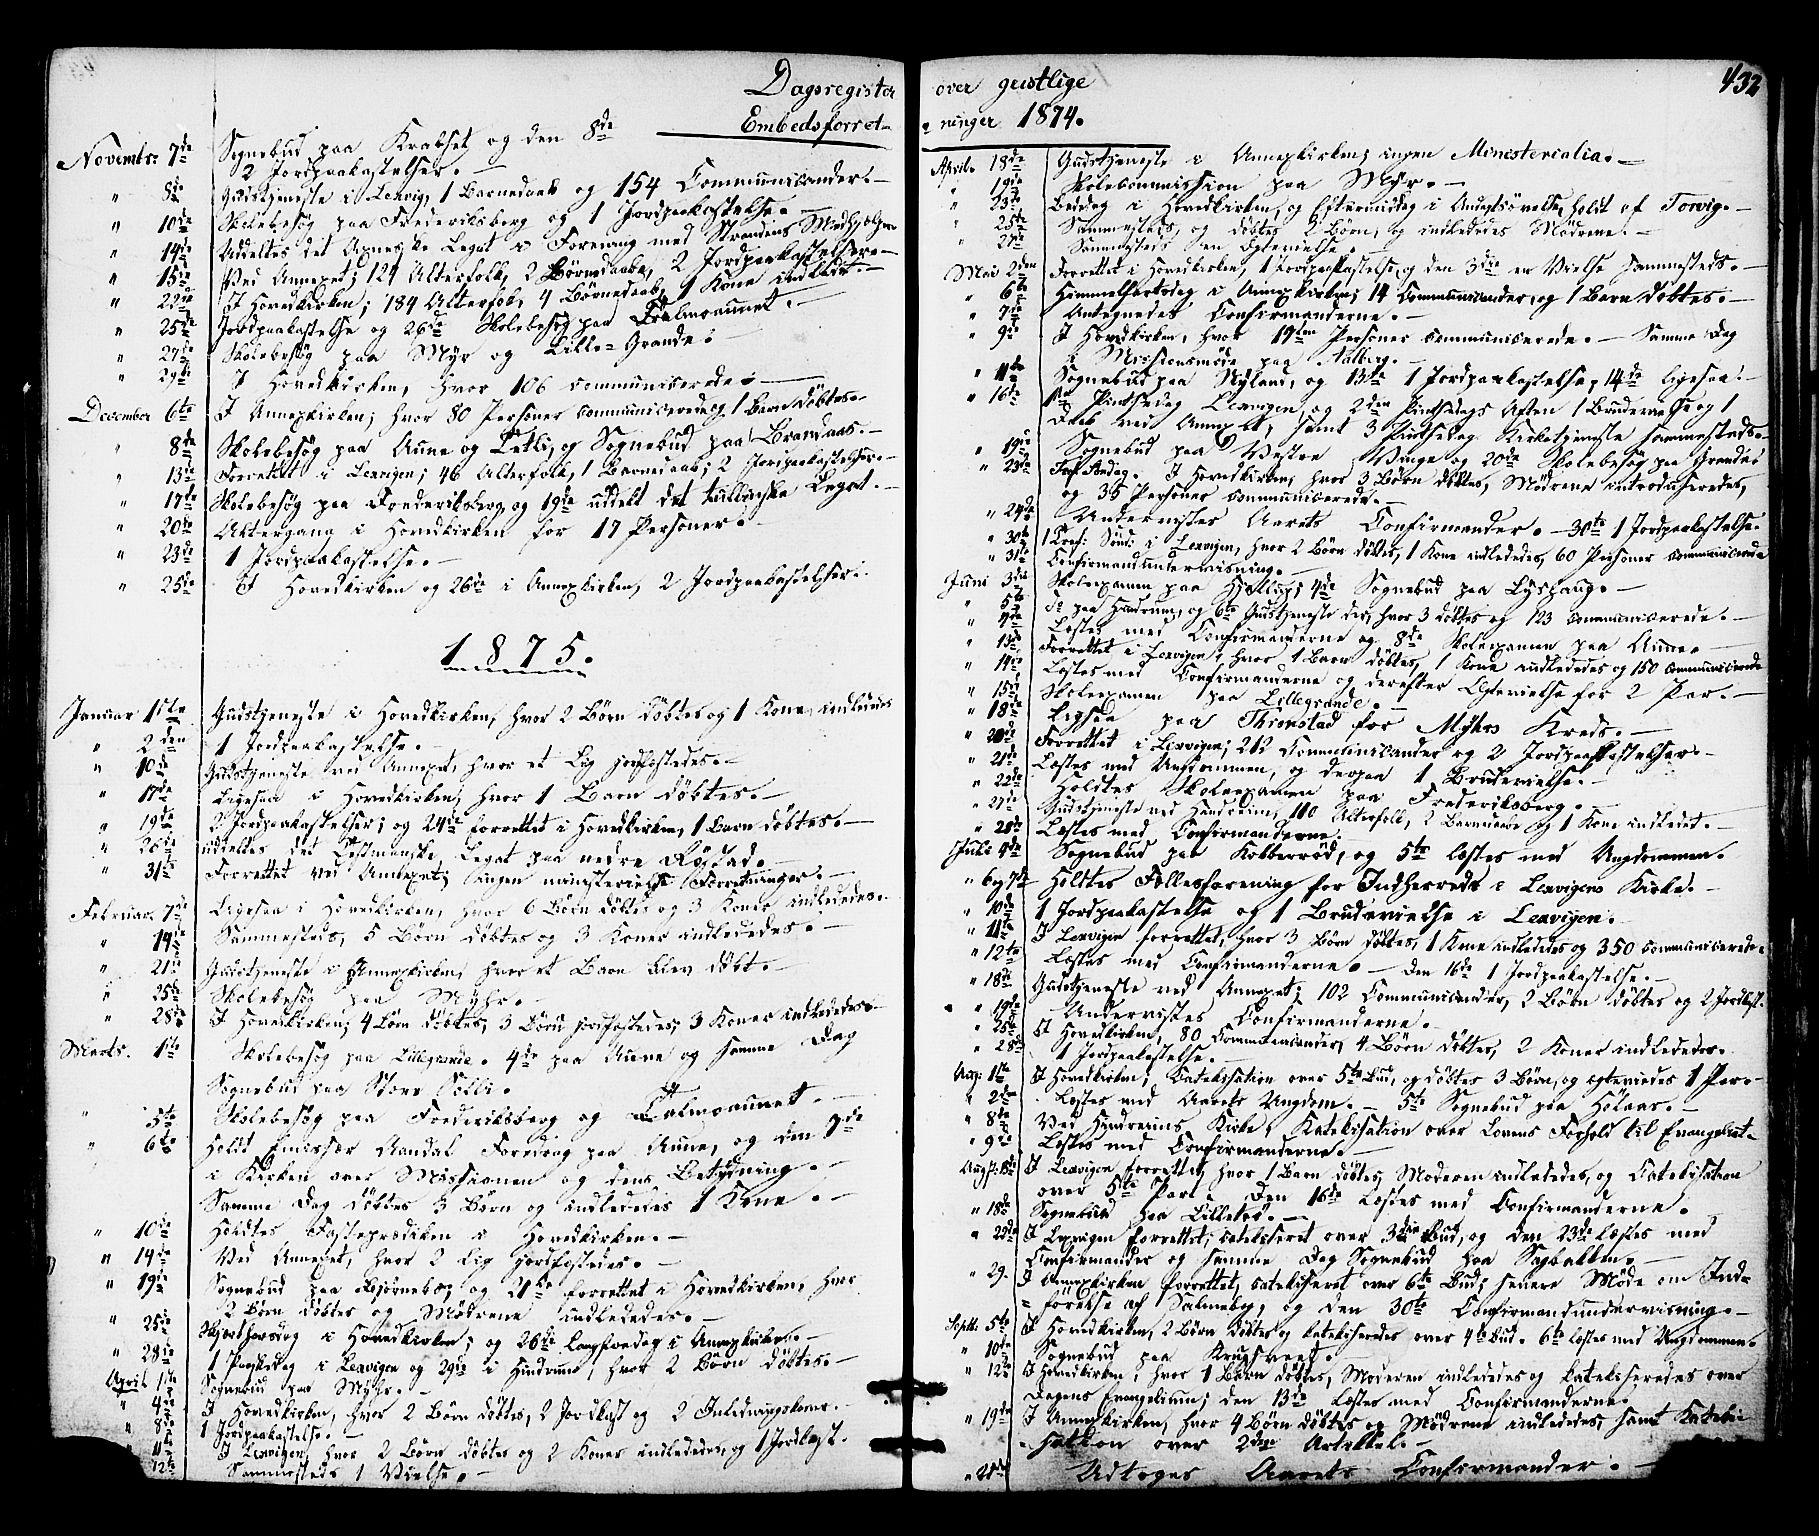 SAT, Ministerialprotokoller, klokkerbøker og fødselsregistre - Nord-Trøndelag, 701/L0009: Ministerialbok nr. 701A09 /1, 1864-1882, s. 432